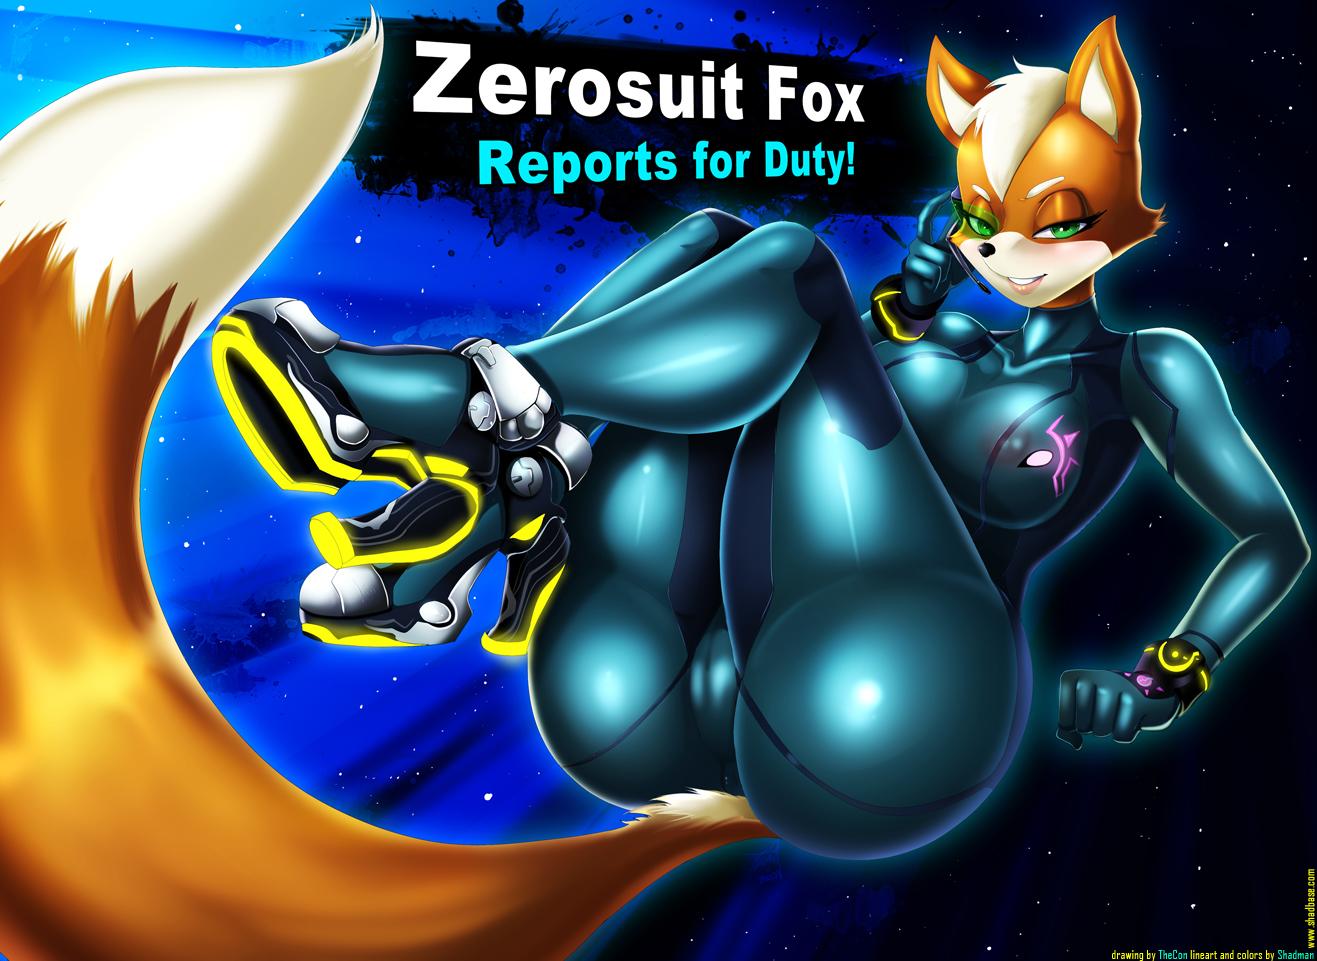 Zerosuit Fox